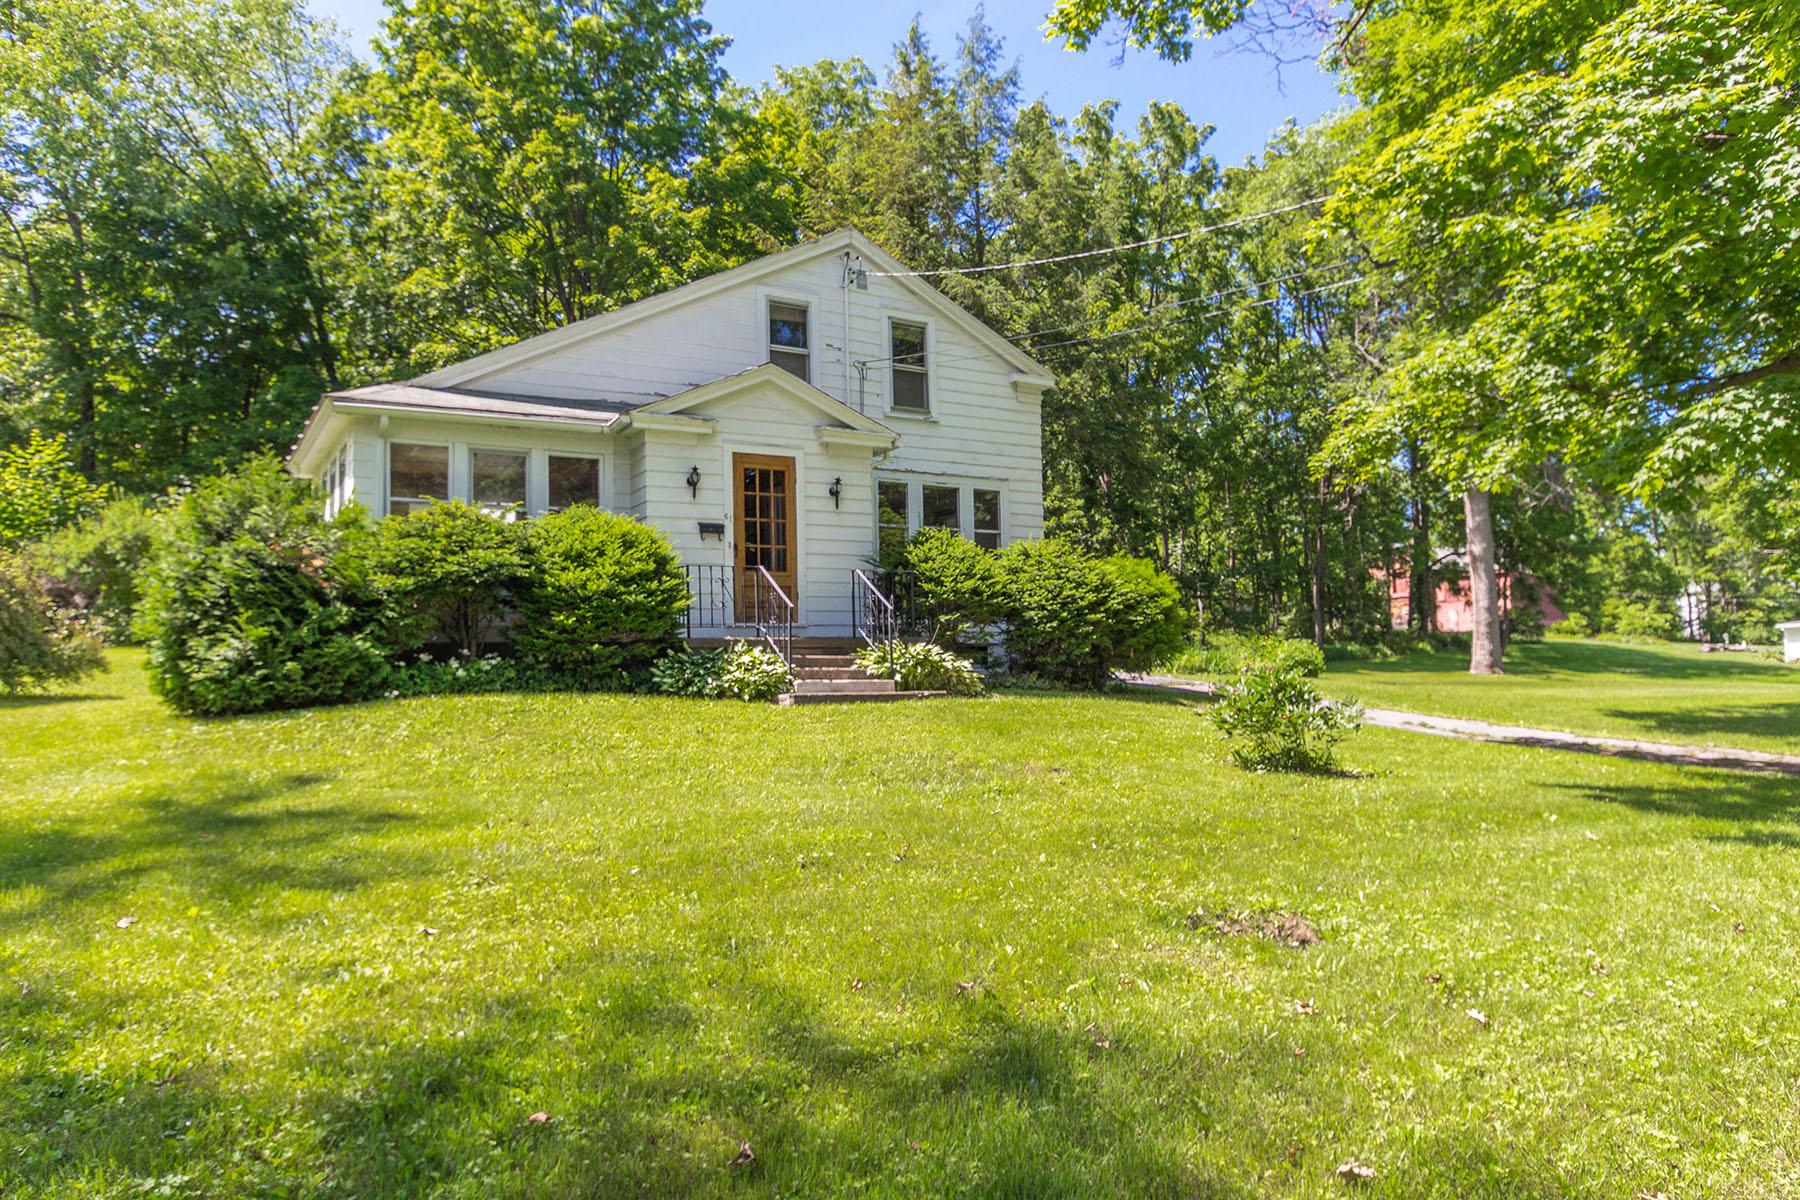 Nhà ở một gia đình vì Bán tại Sweet Little Cottage - Investment Opportunity 61 Green Street Schuylerville, New York 12871 Hoa Kỳ